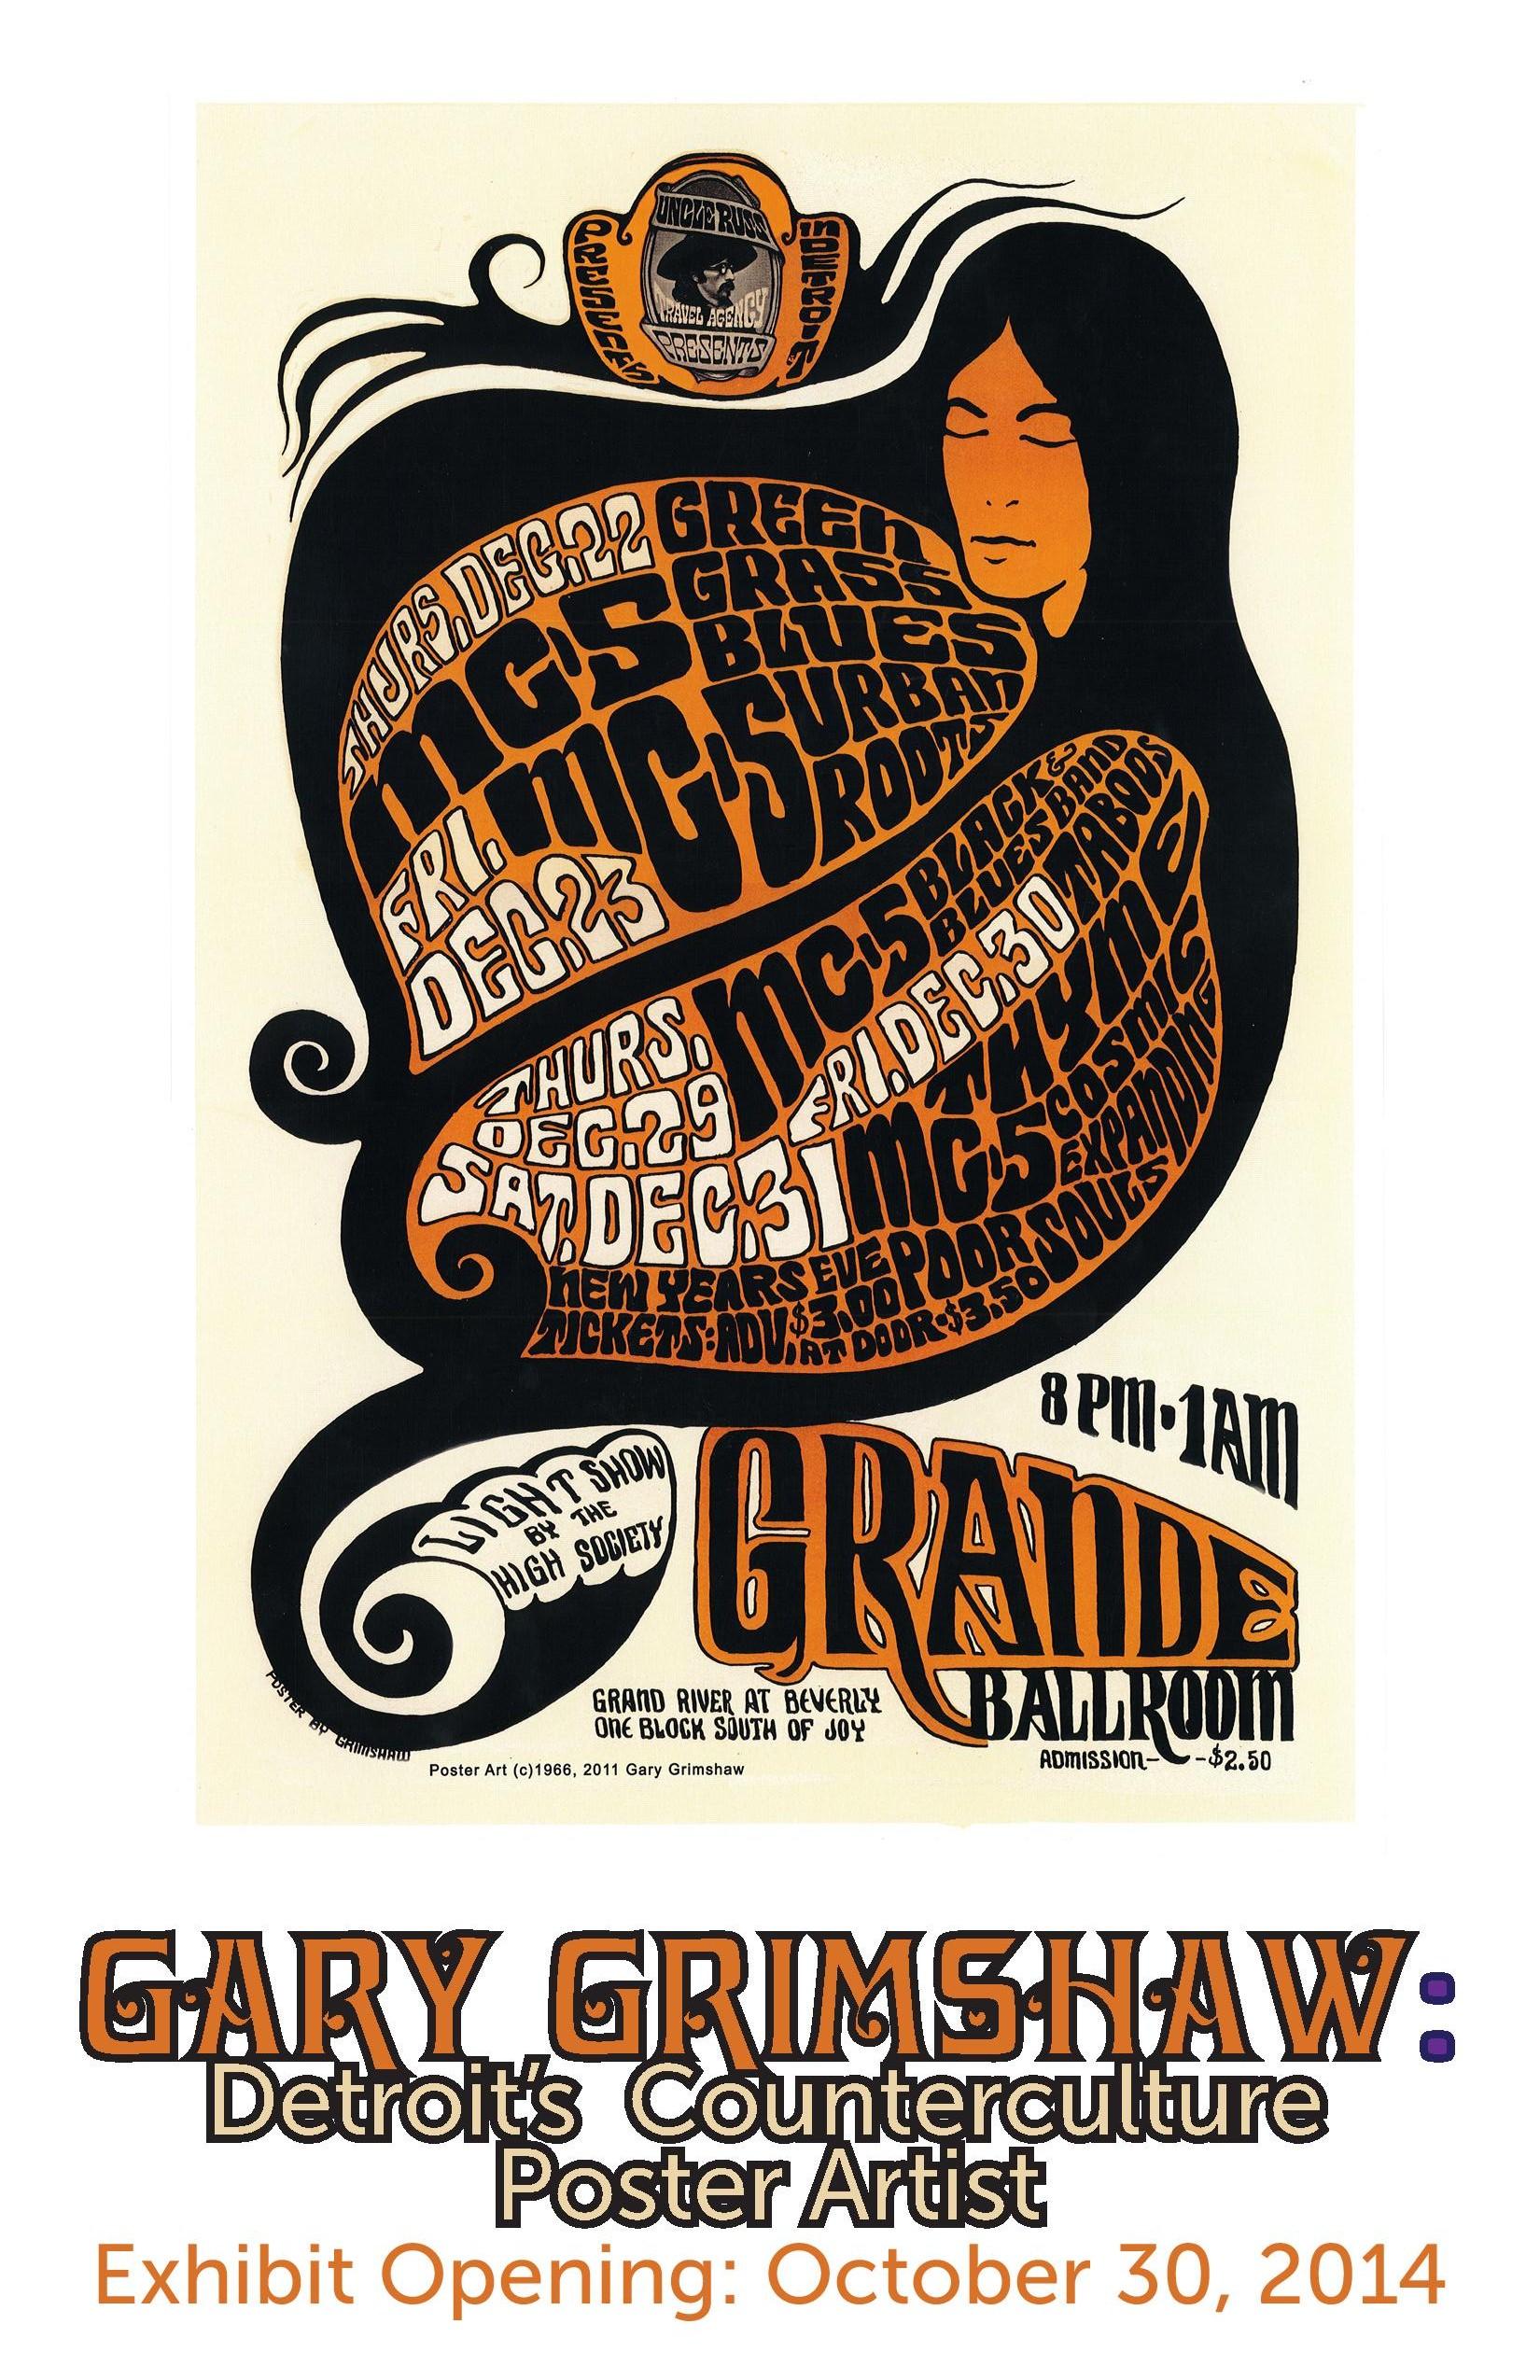 gary grimshaw detroits counterculture poster artist